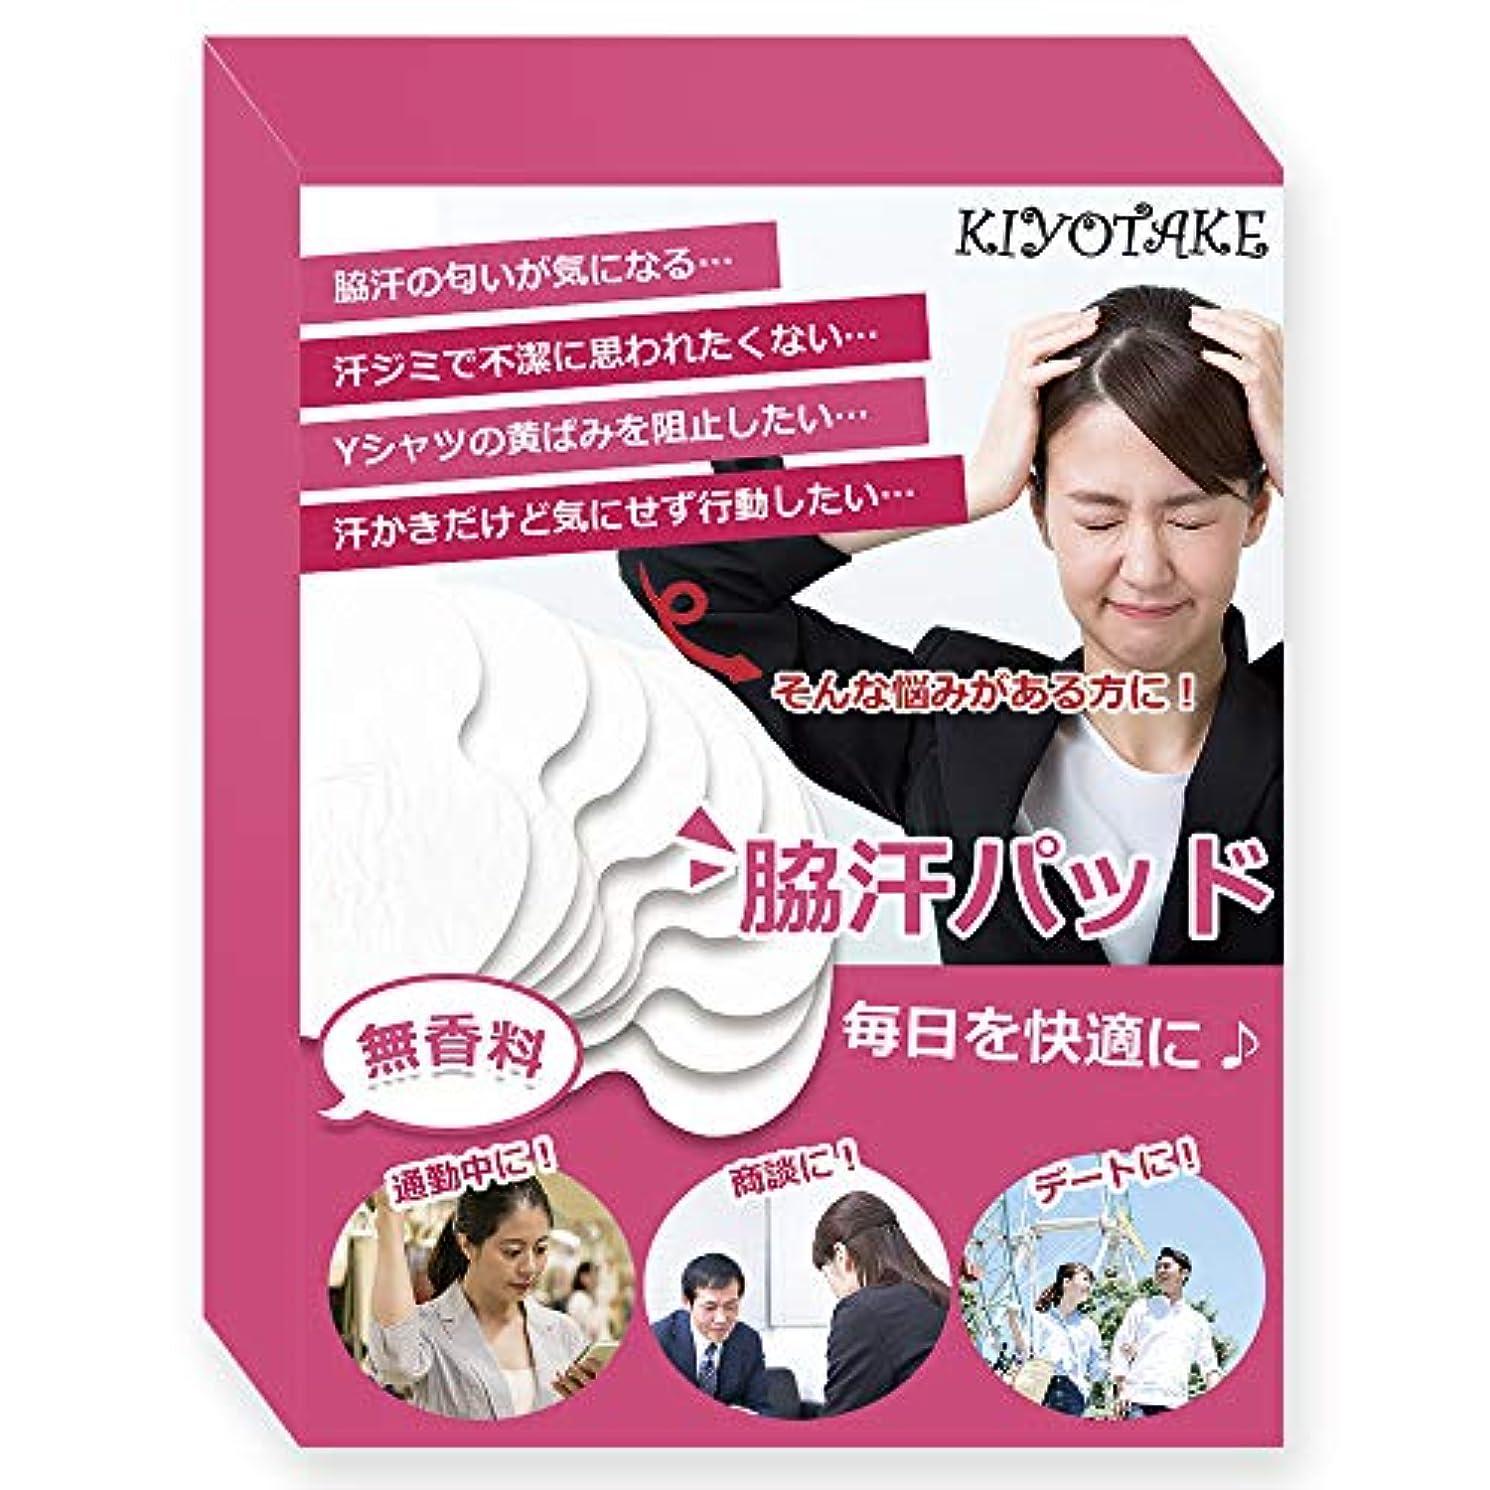 お互いミキサー解明する【kiyotake】 レディース 脇汗パッド 汗取り 汗じみ 防臭 防止 対策 女性用 40枚入り